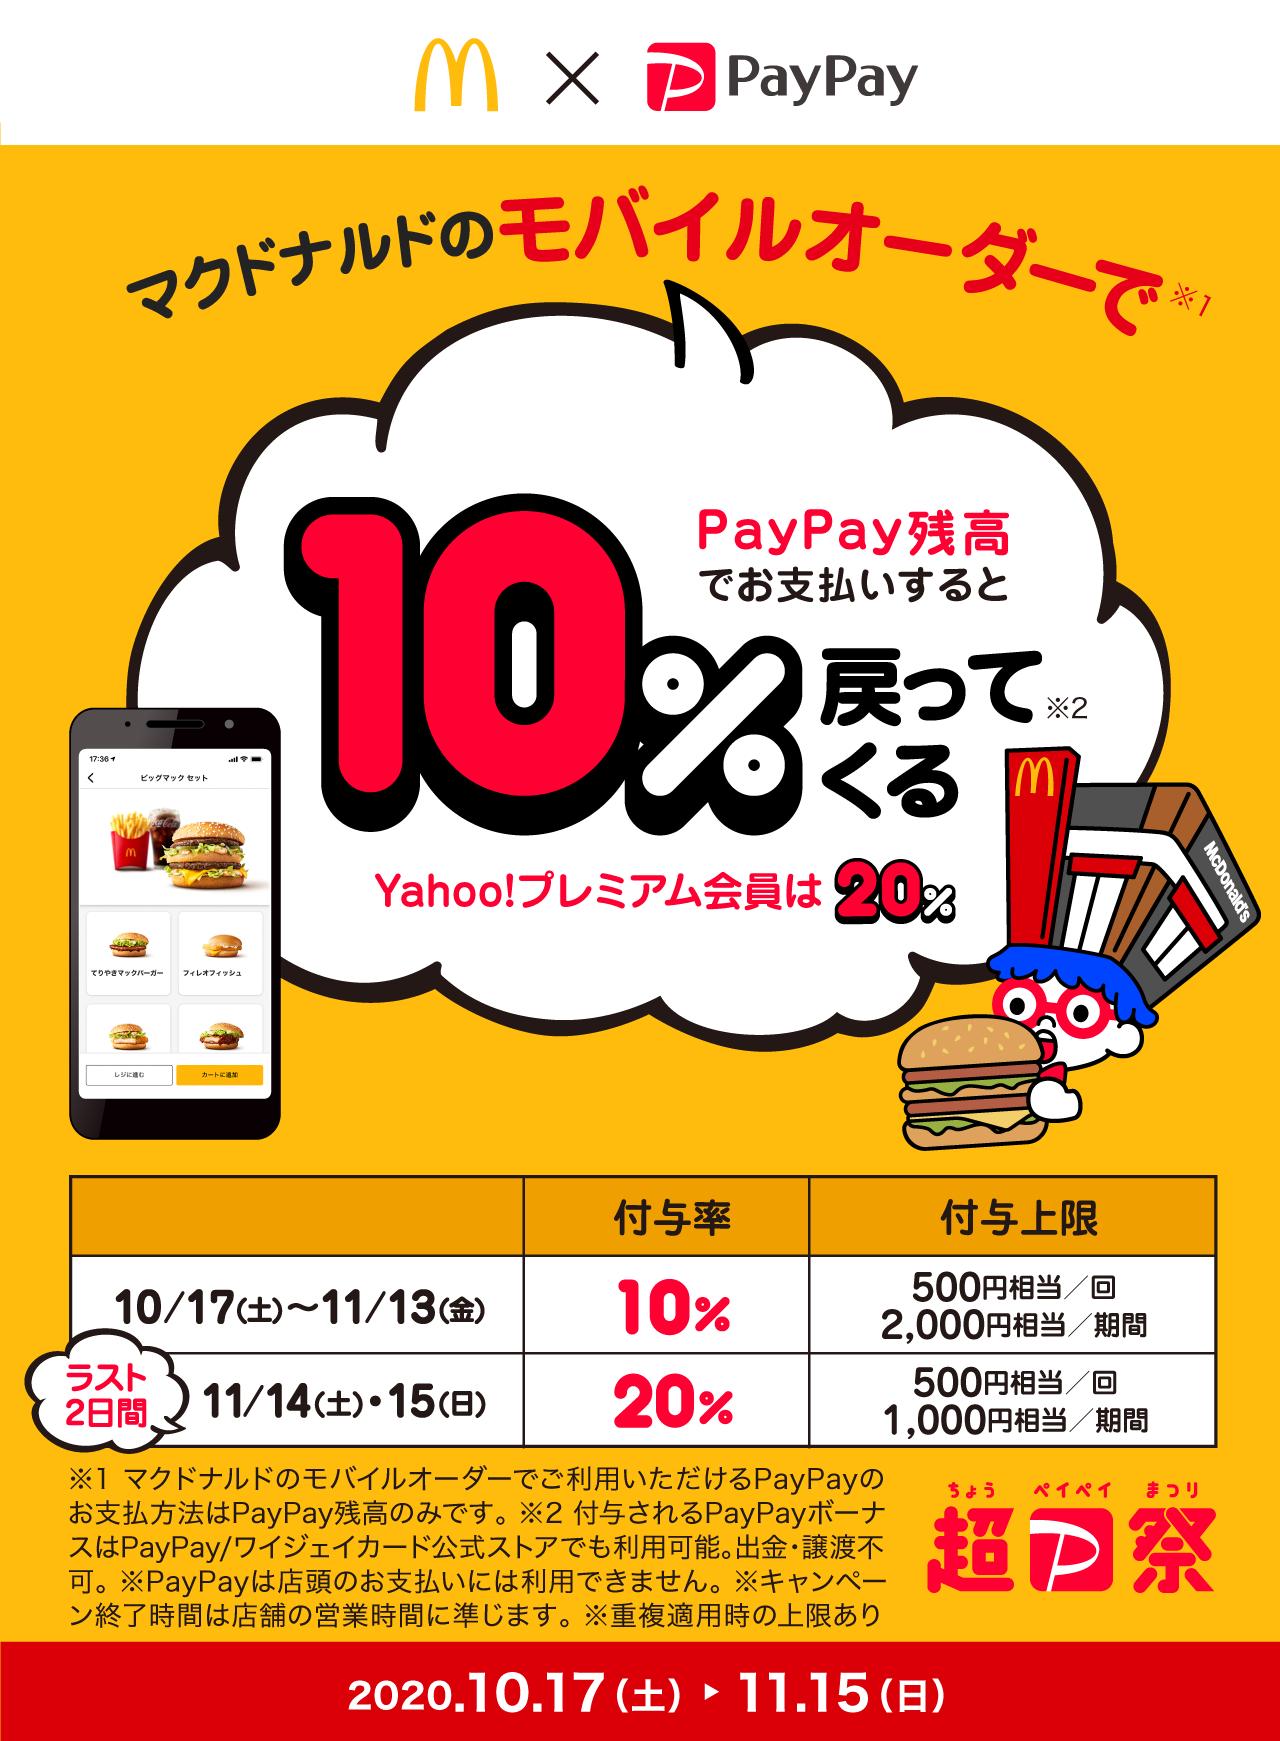 PayPay_マック_モバイルオーダー_超PayPay祭